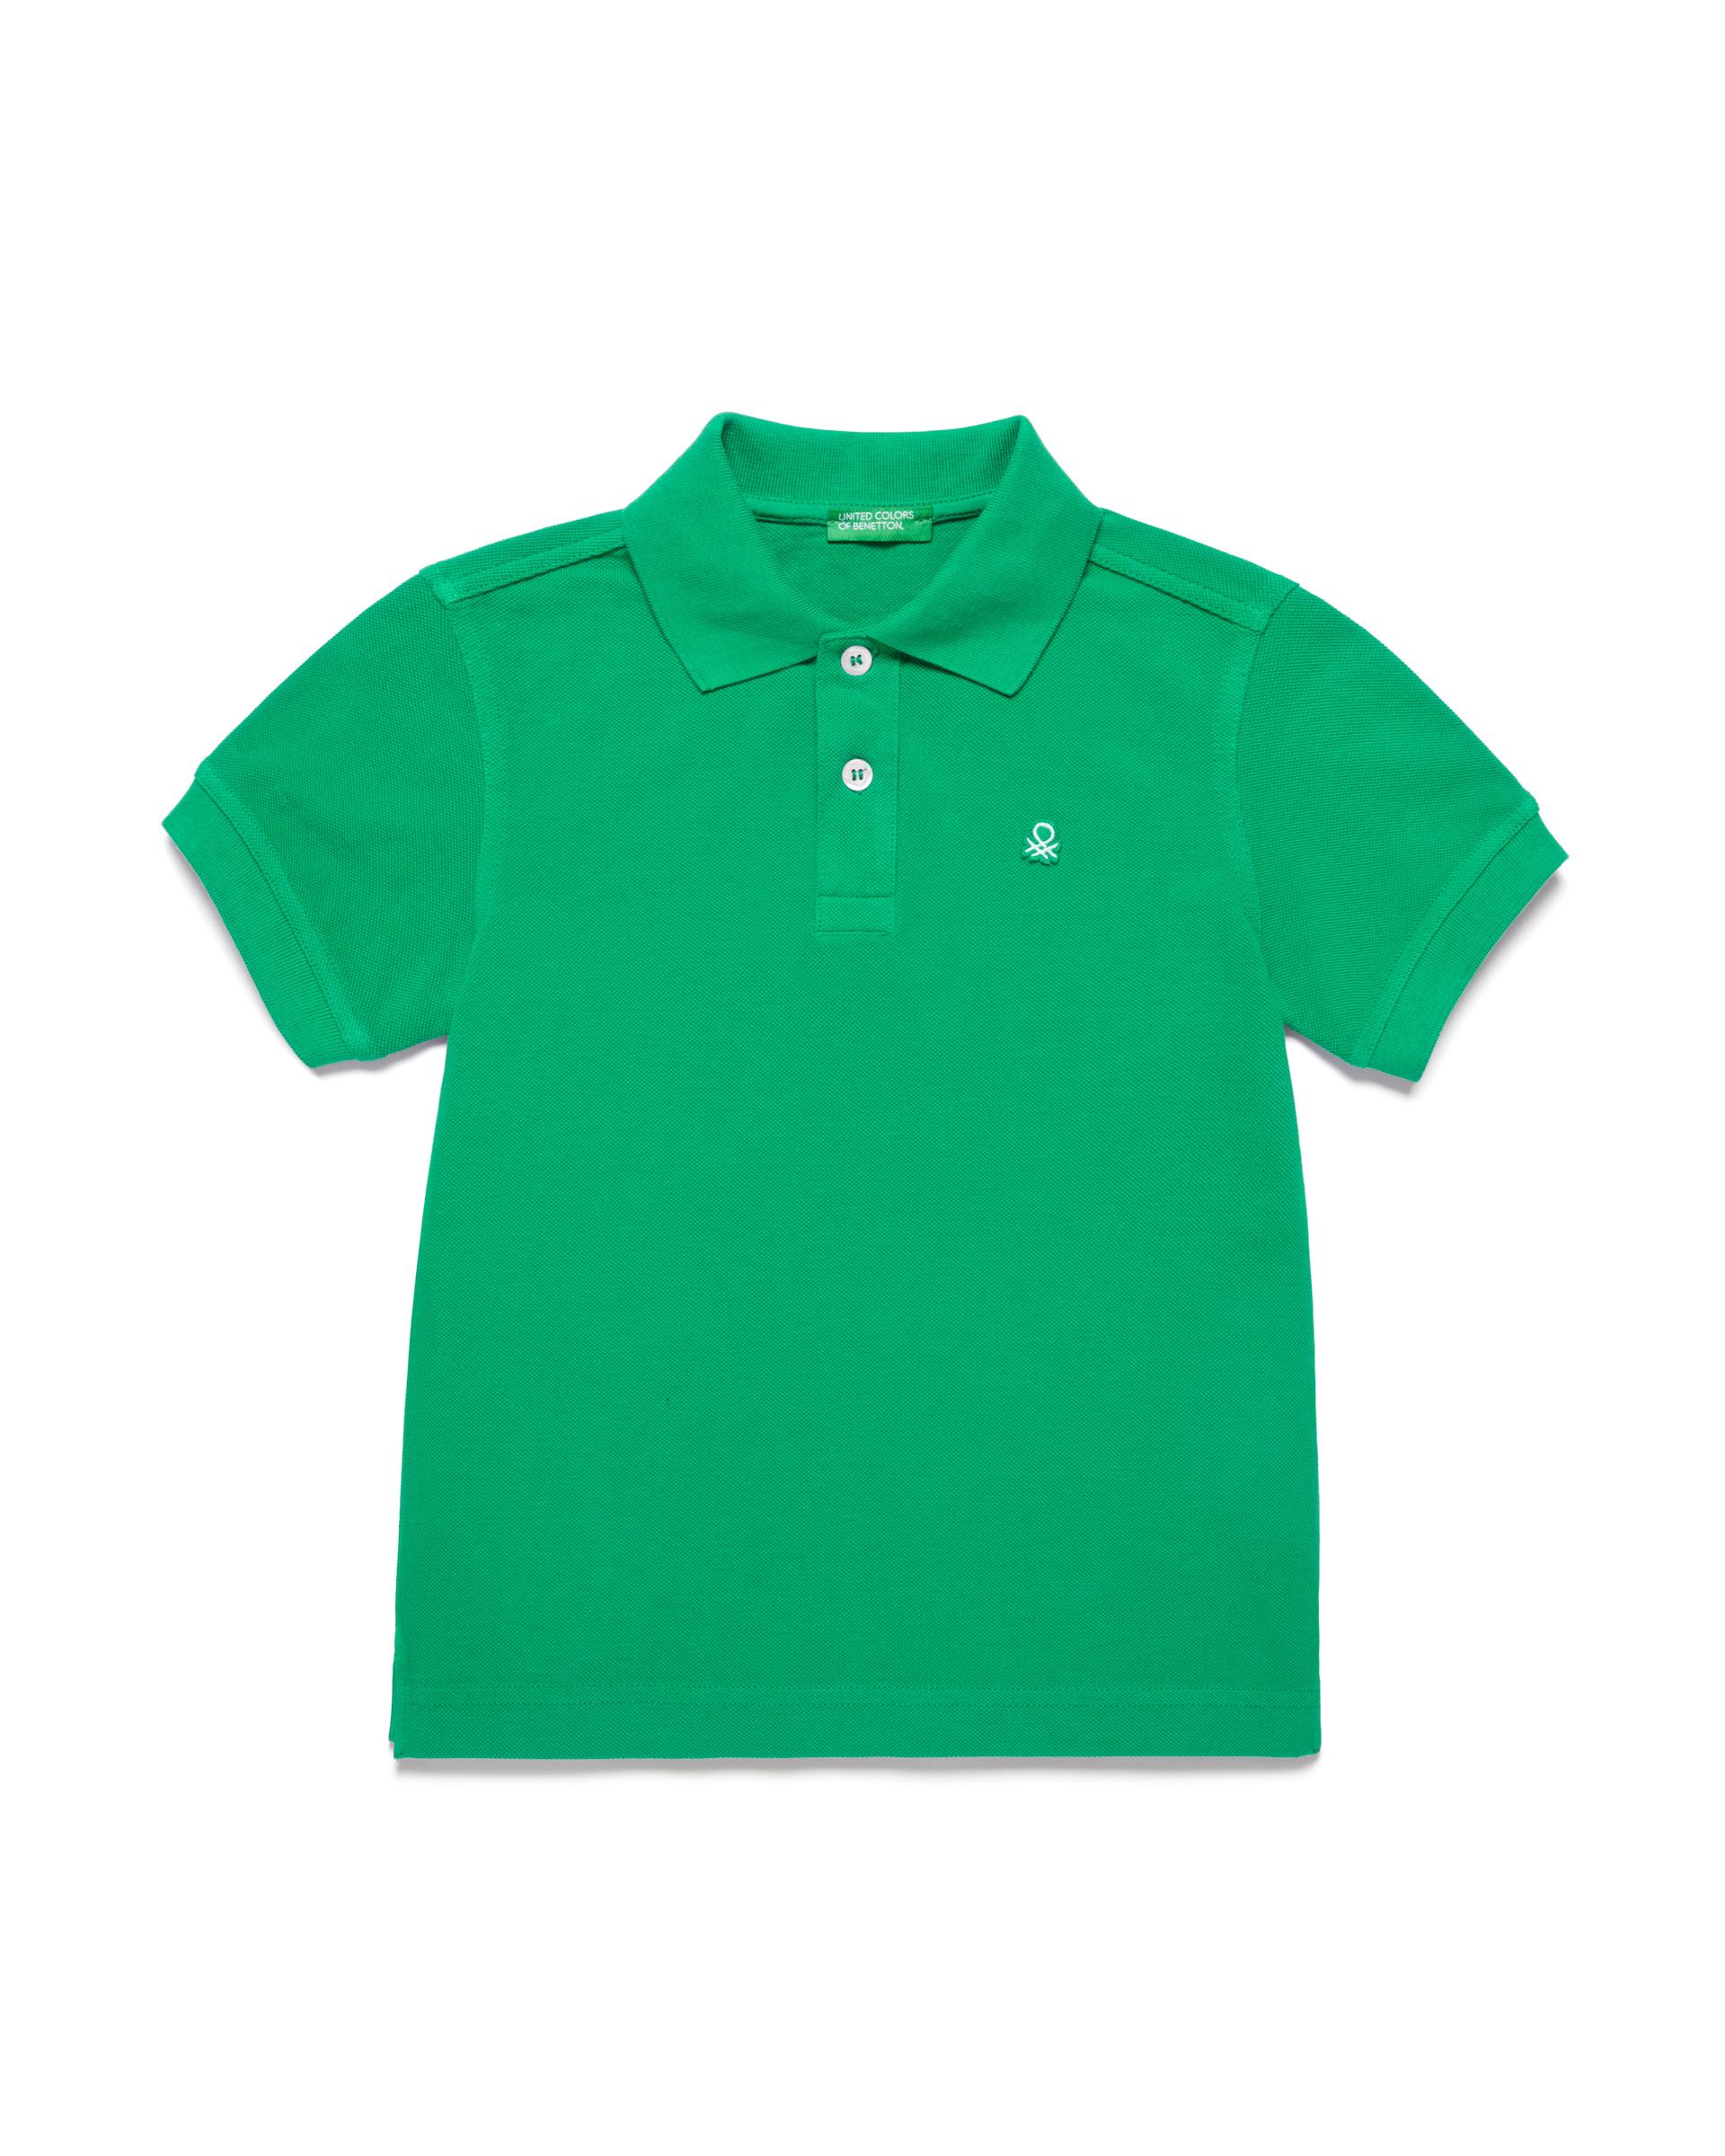 Купить 20P_3089C3091_108, Поло-пике для мальчиков Benetton 3089C3091_108 р-р 80, United Colors of Benetton, Кофточки, футболки для новорожденных